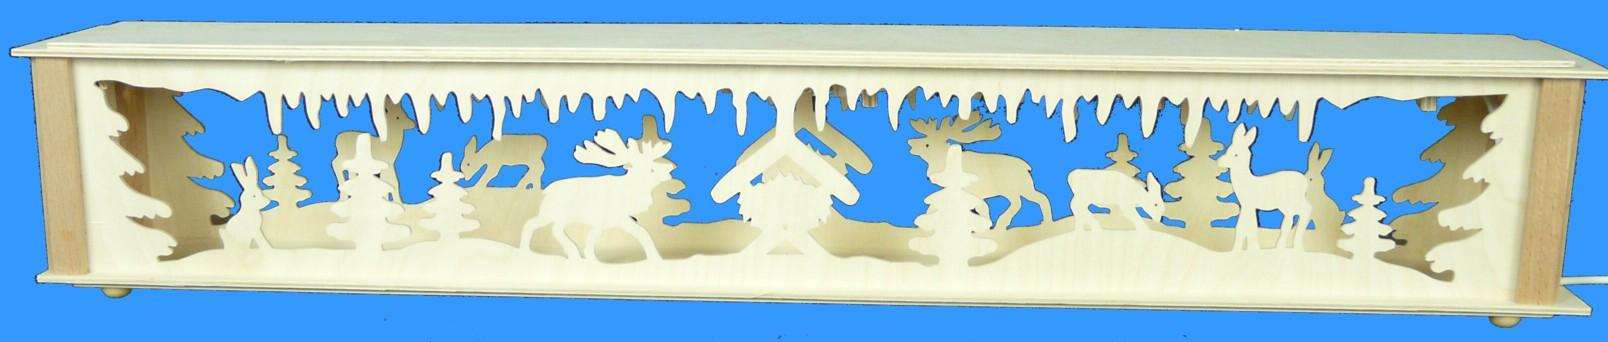 Beleuchtete Schwibbogenerhöhung mit Waldtiere Größe =72x10cm NEU